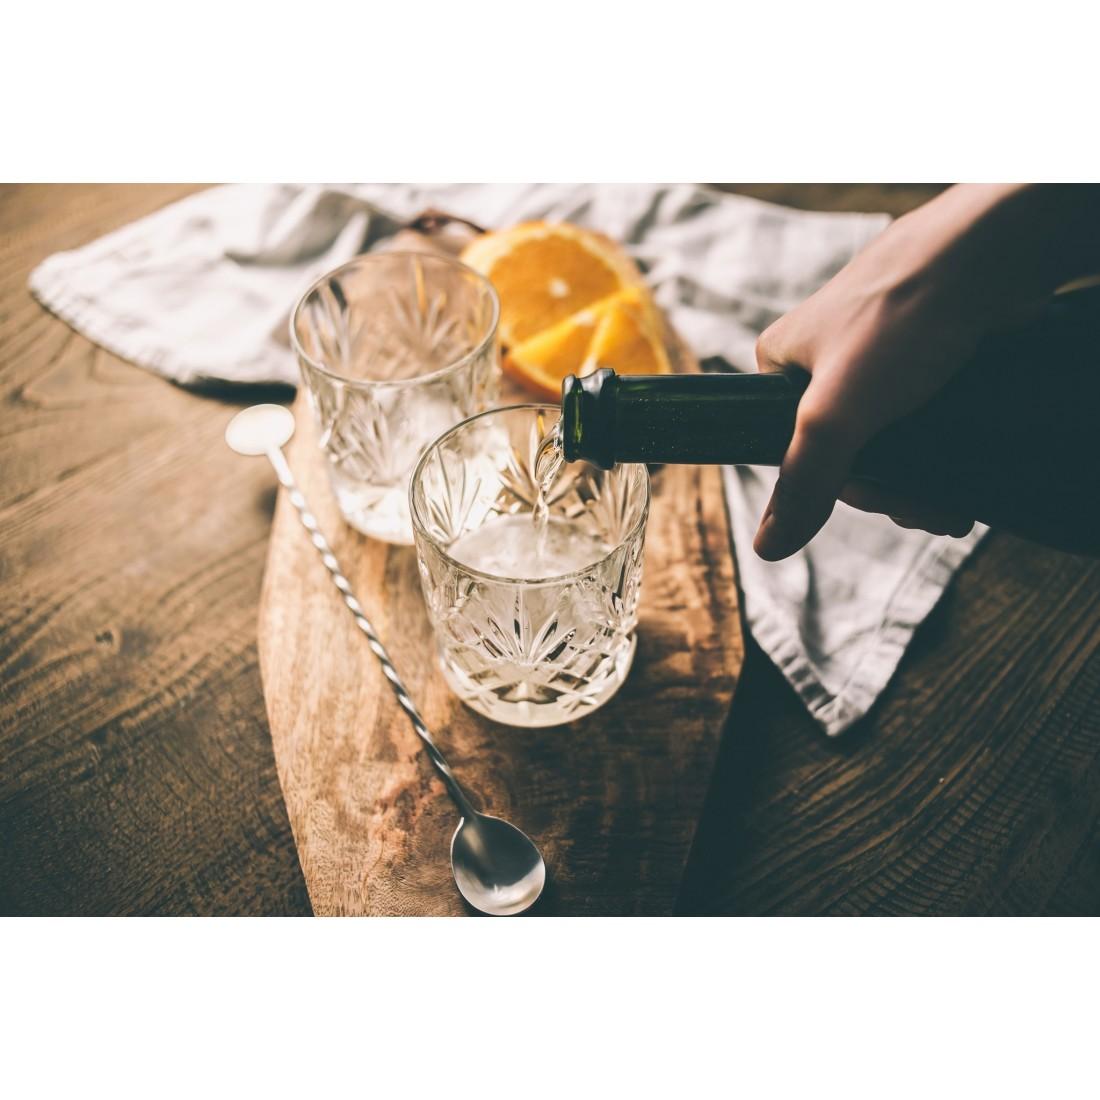 Champagnecocktails mm. 10 december kl. 18.30 i Nyhavns Champagnebodega-34